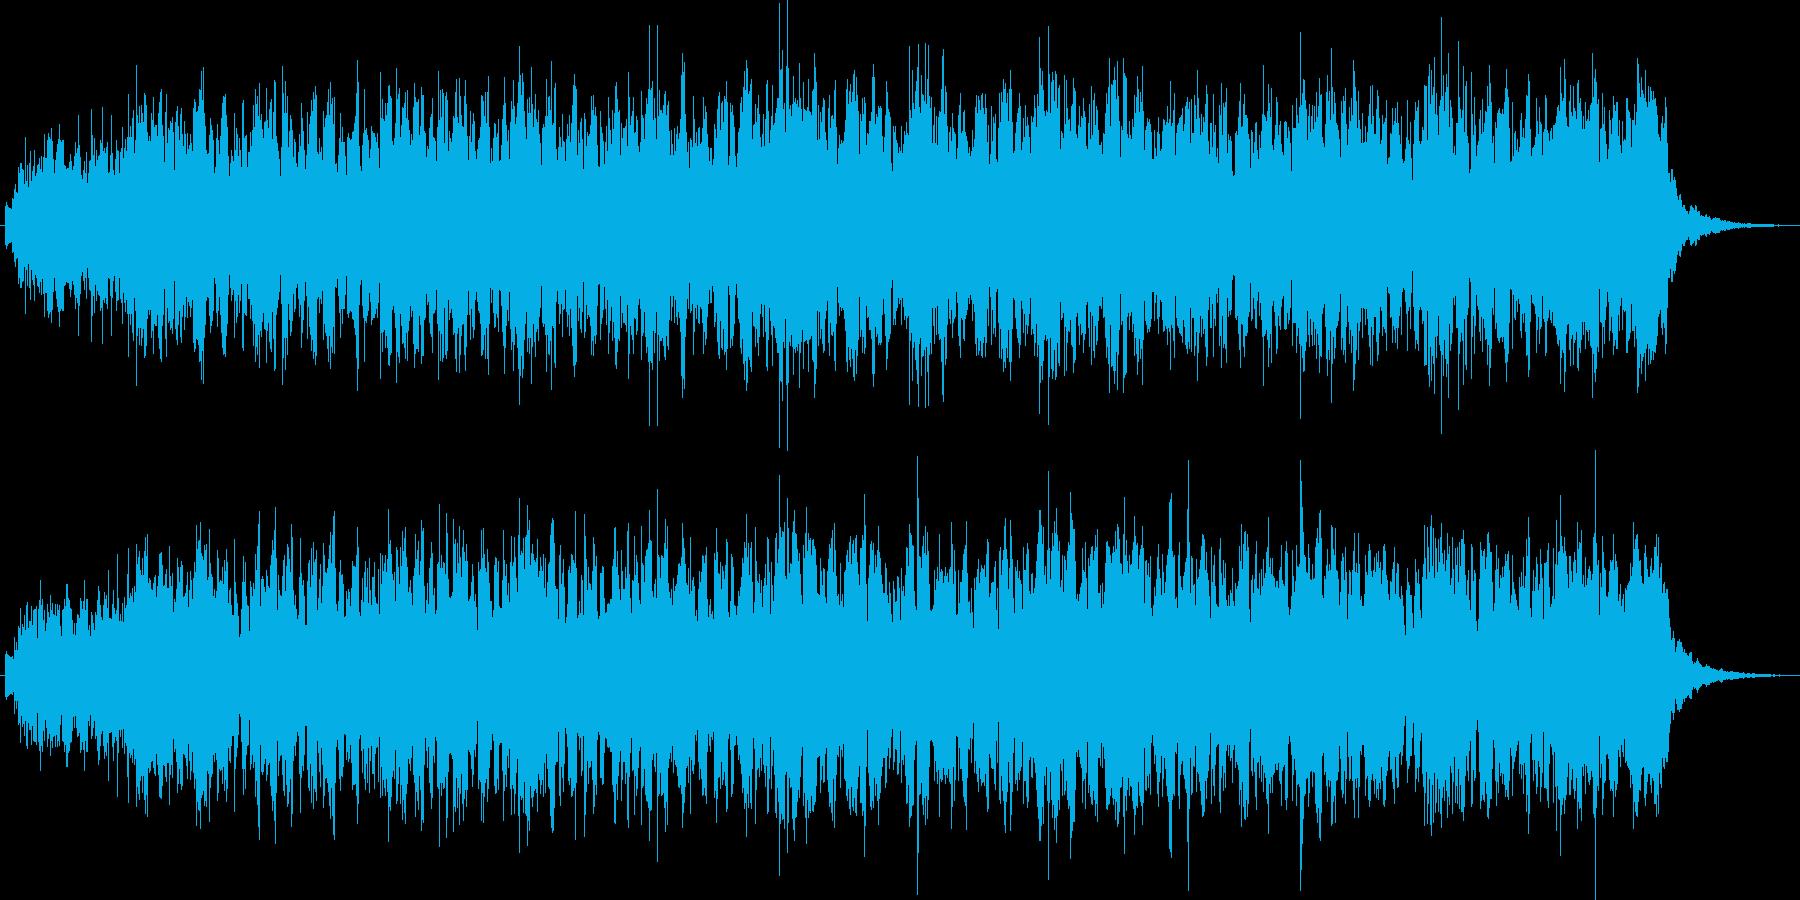 シンセによるキラキラしたジングルの再生済みの波形